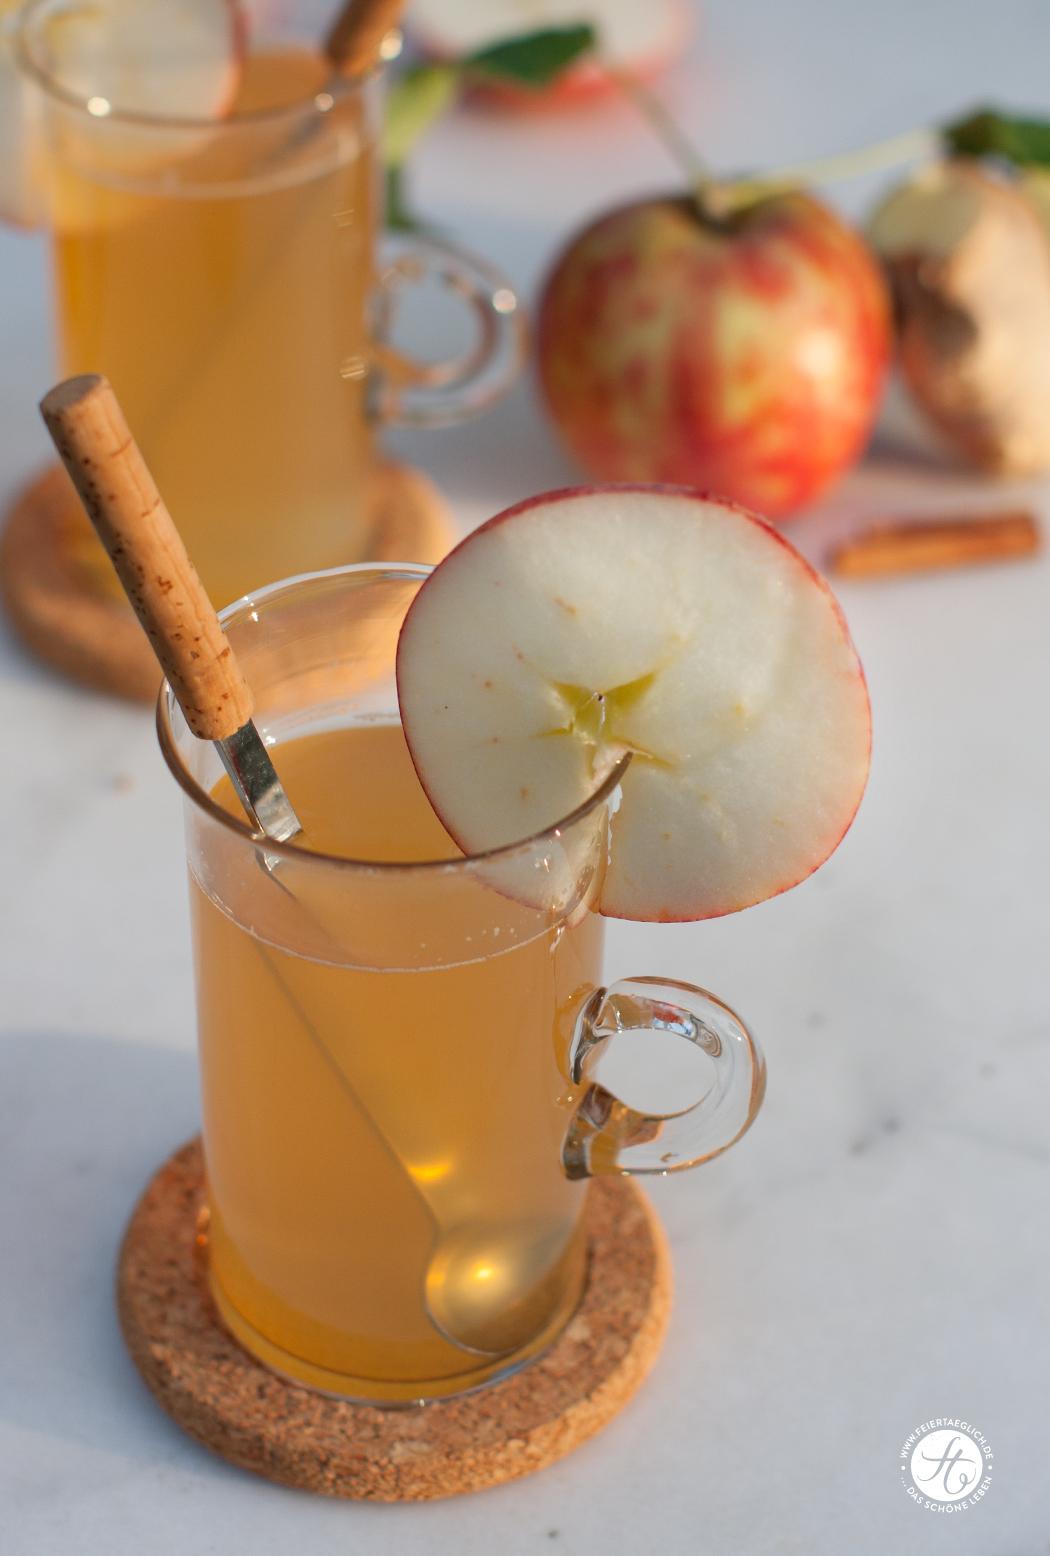 #SuperfoodSamstag mit einem Rezept für Ingwer-Apfel-Zimt Tee von feiertaeglich.de